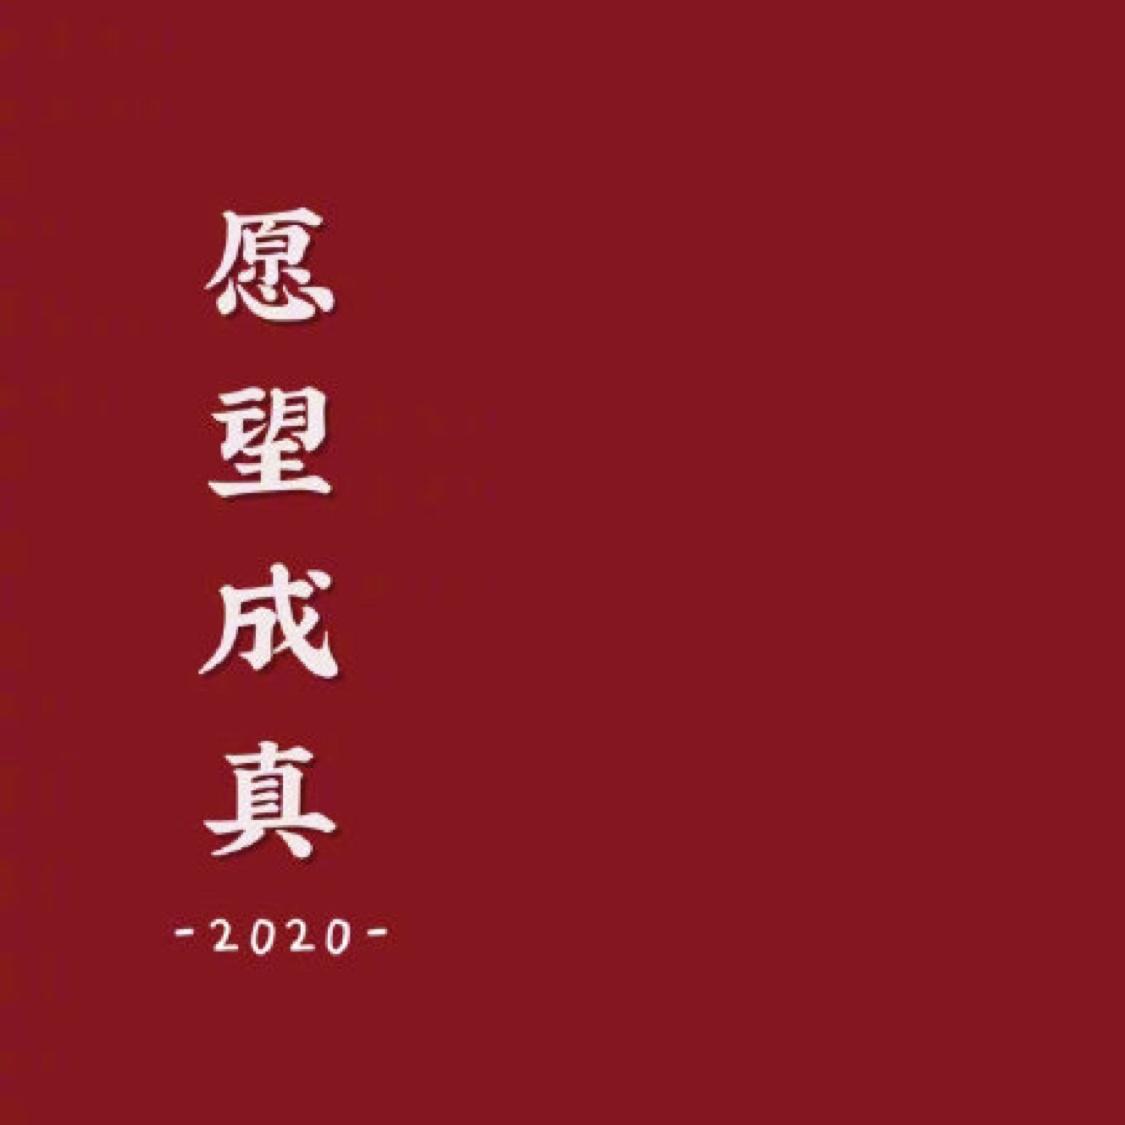 济南物流主管招聘_纳可生活用品(青岛)有限公司招聘信息|招聘岗位|最新职位信息 ...